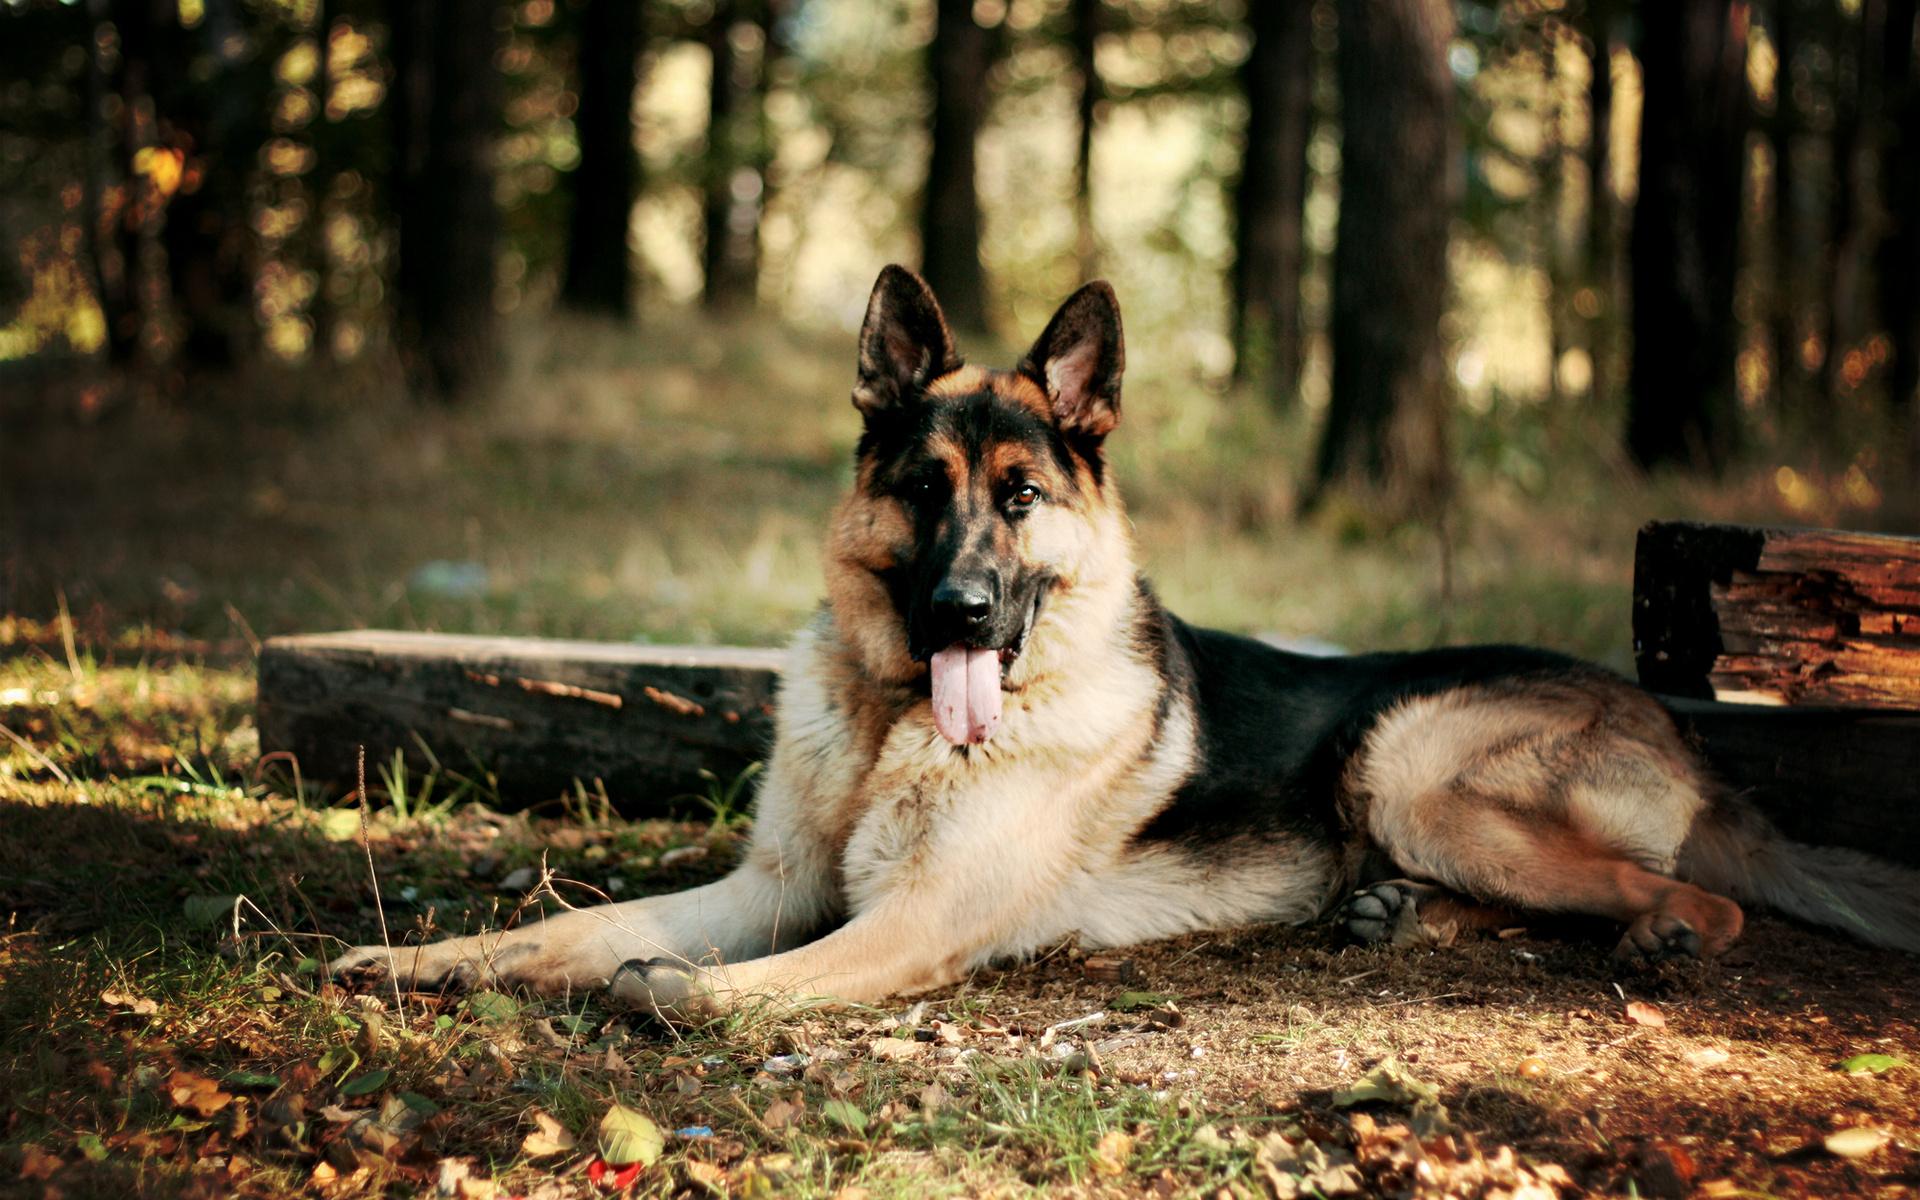 махачкалы красивые фото собак на рабочий стол на весь экран сети заявили, что